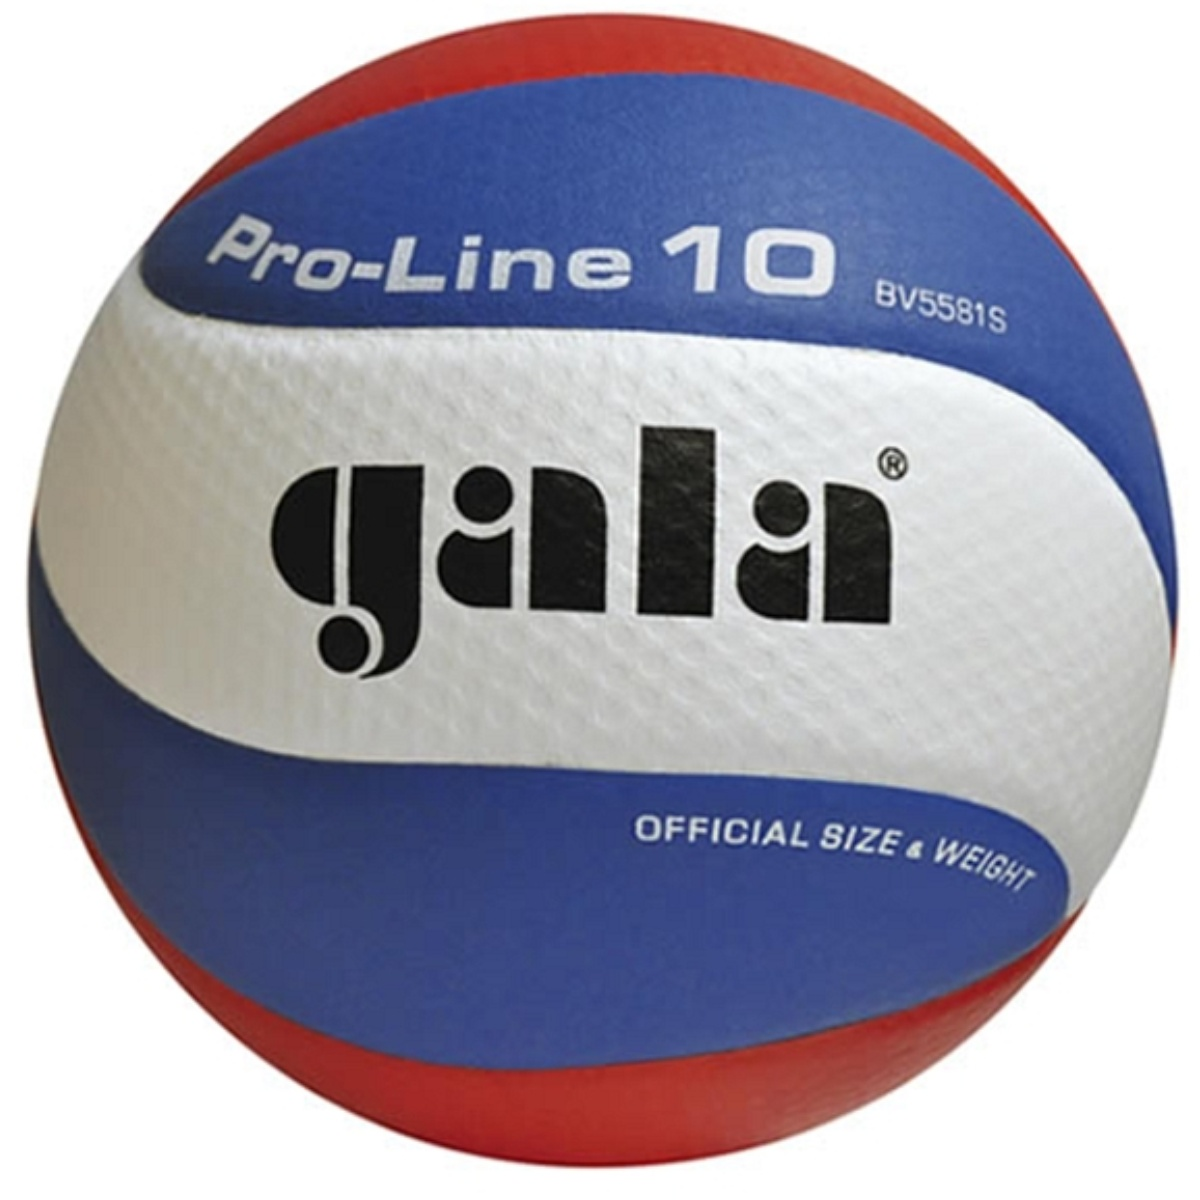 Volejbalový míč GALA Pro Line BV 5581S